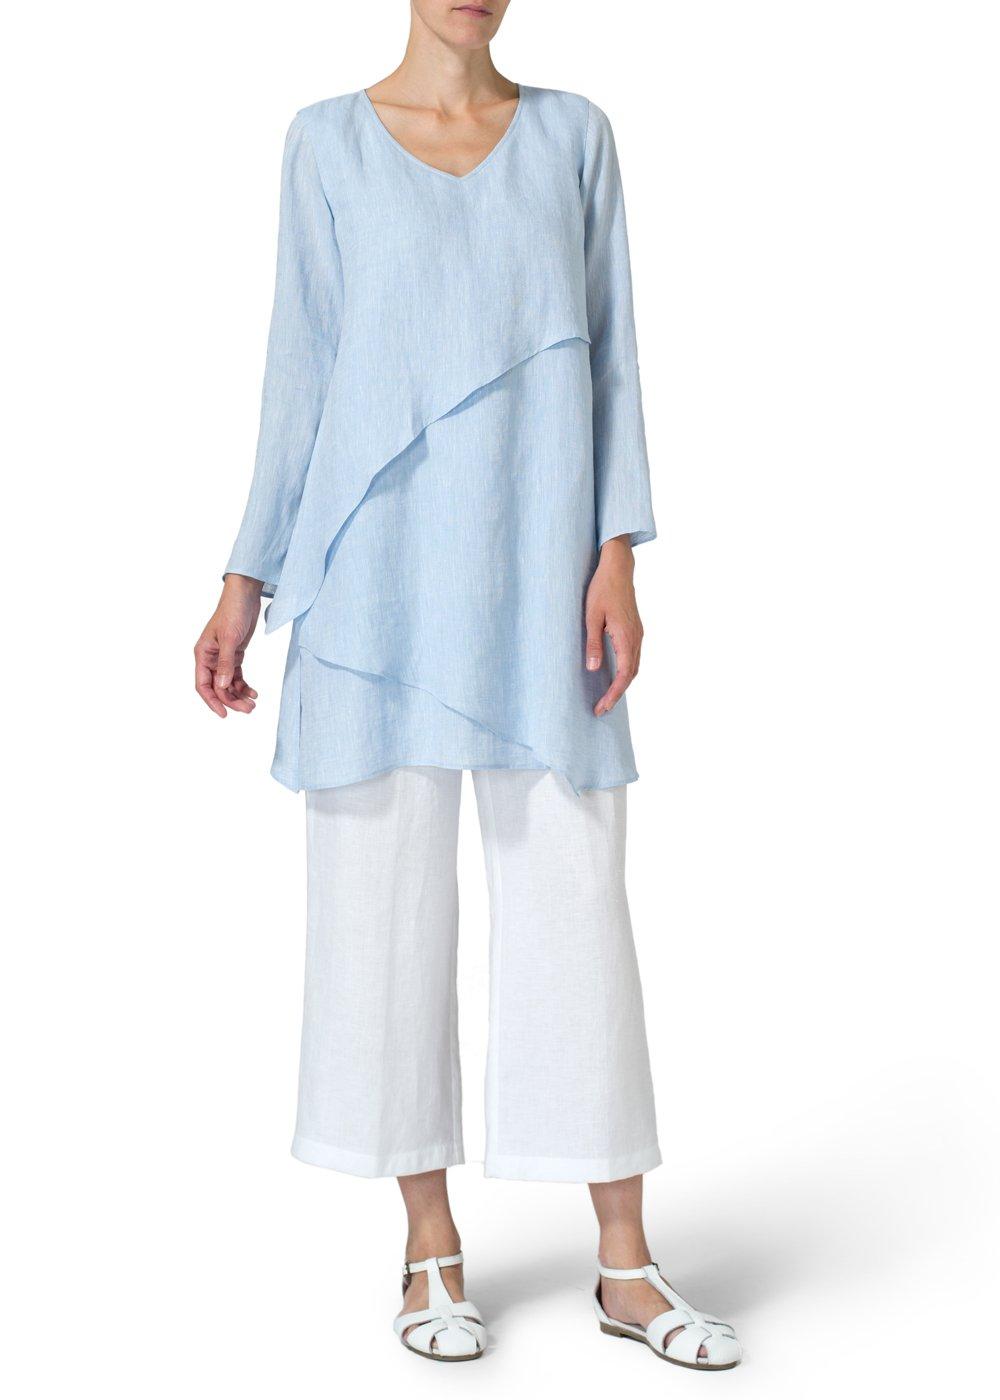 Vivid Linen Layering V neck Tunic-M-Two Tone Light Blue